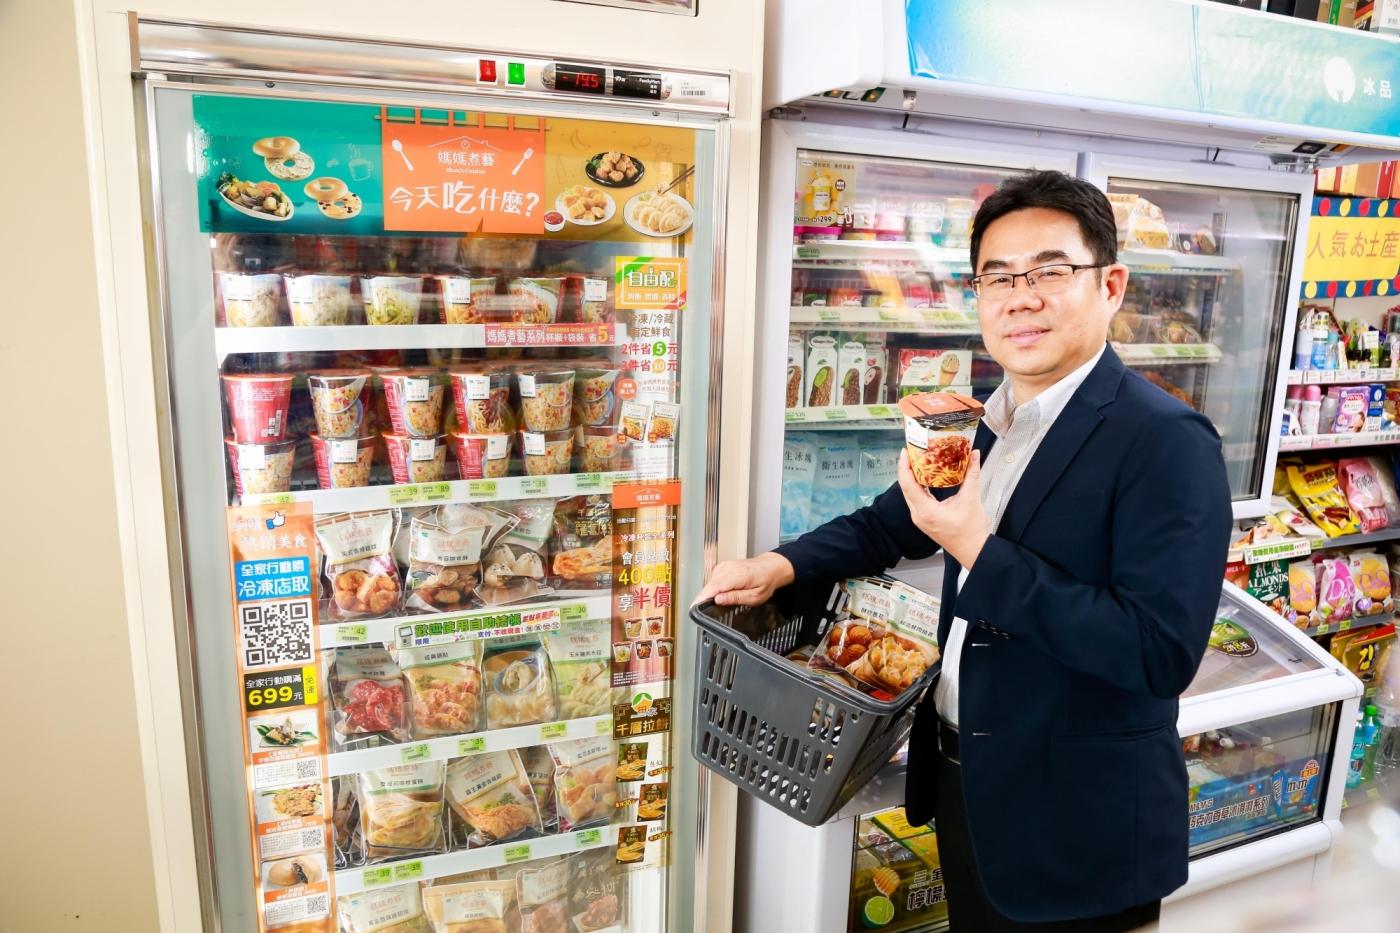 光是白飯就賣200萬份!全家「媽媽煮藝」業績成長50%,是如何靠冷凍食品抓住上班族的胃?